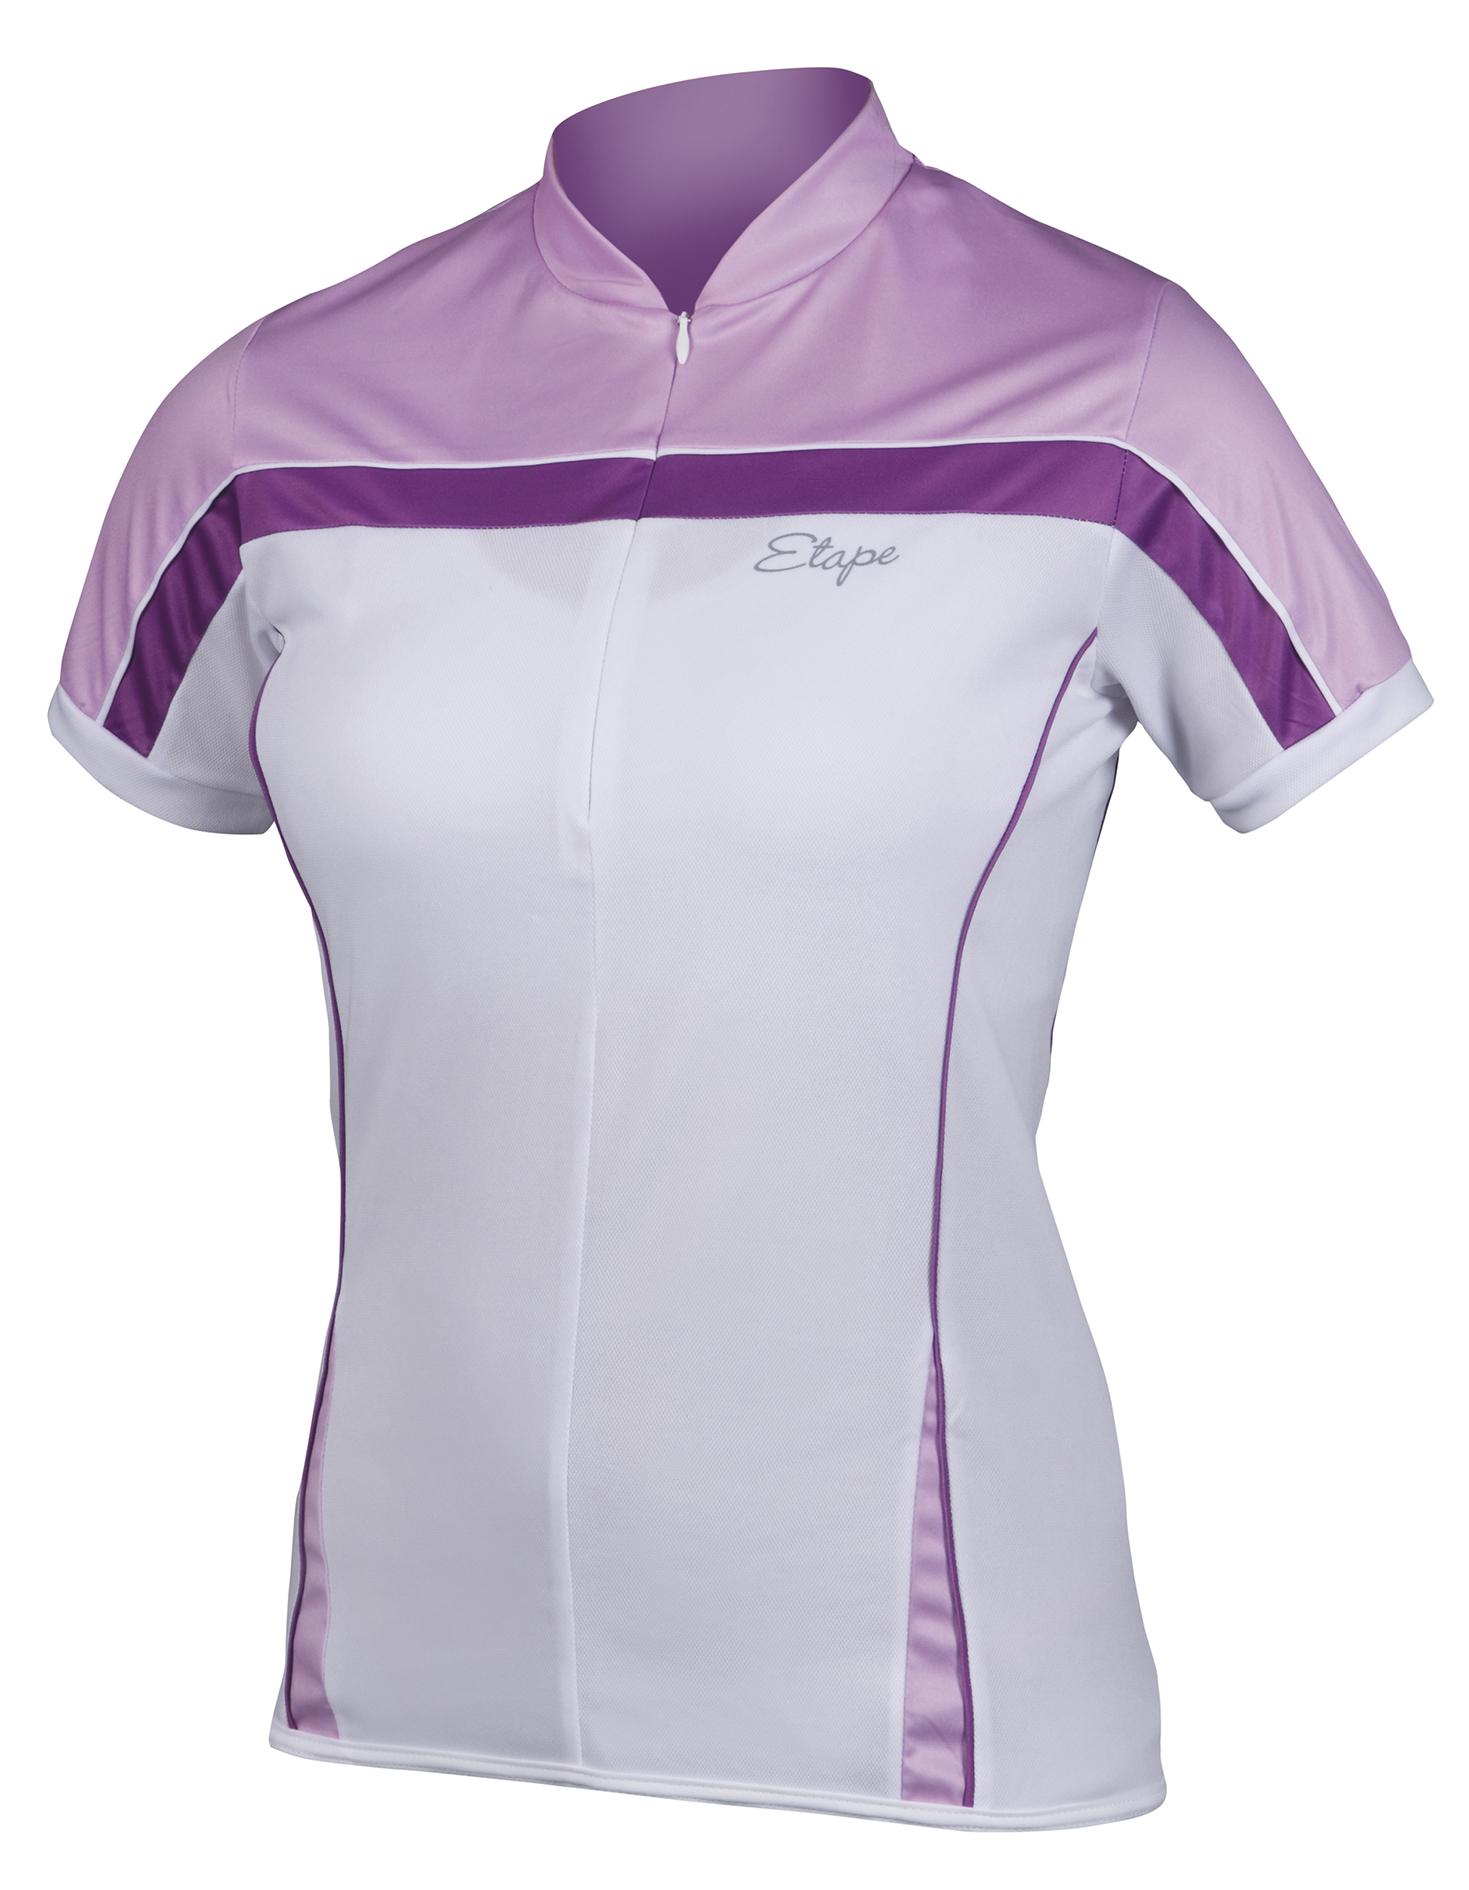 Dámský cyklistický dres ETAPE Roxy, vel. L, bílá/fialová, model 2017 (Dámský dres Etape, přední skrytý zip, bez rukávů)